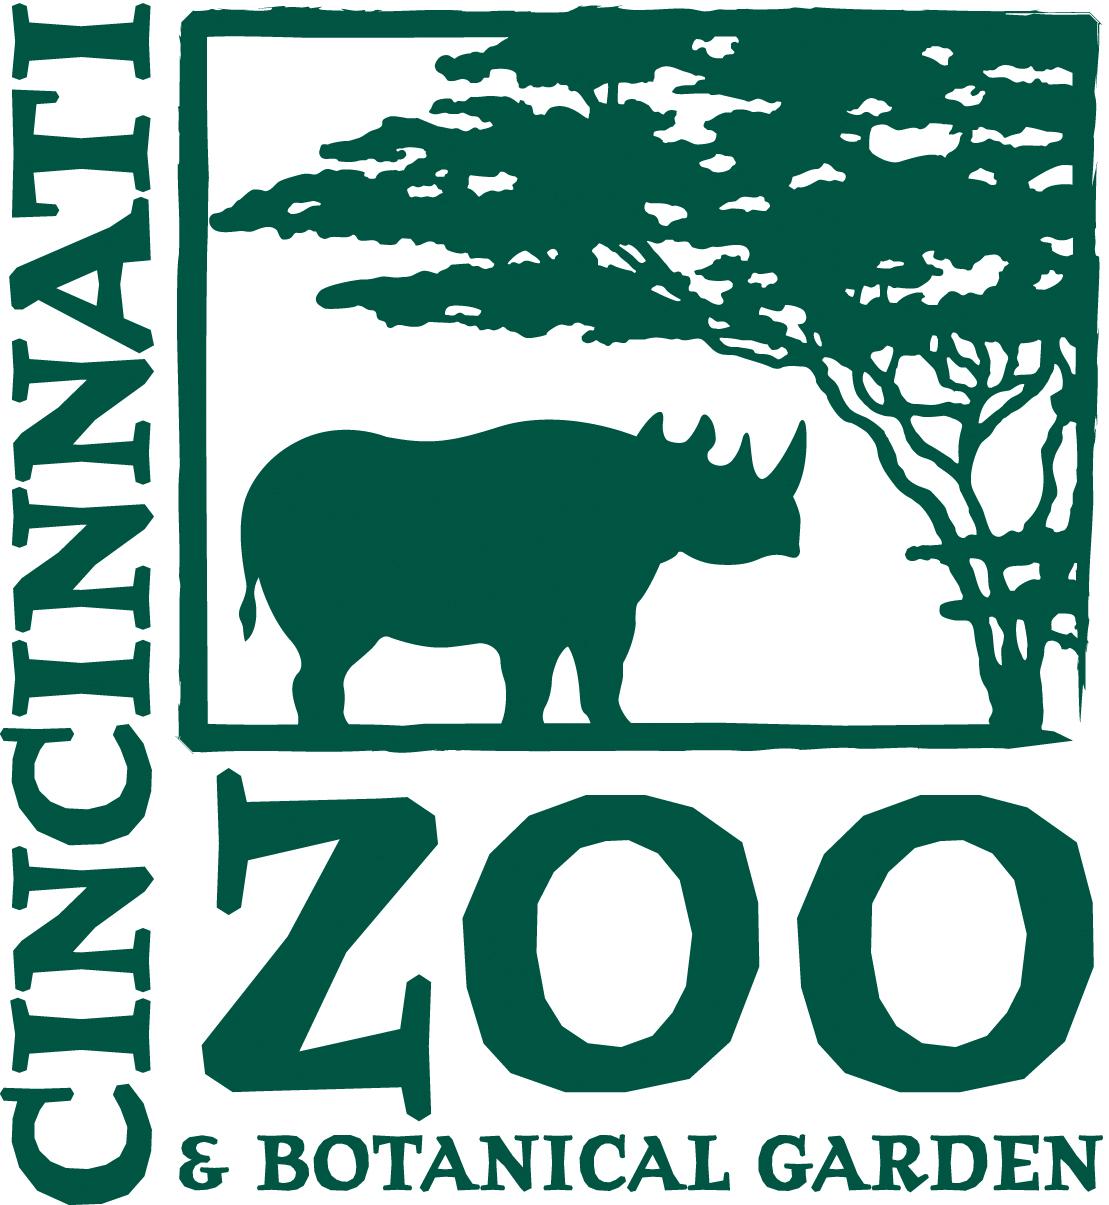 Cinncinnati Zoo & Botanical Garden